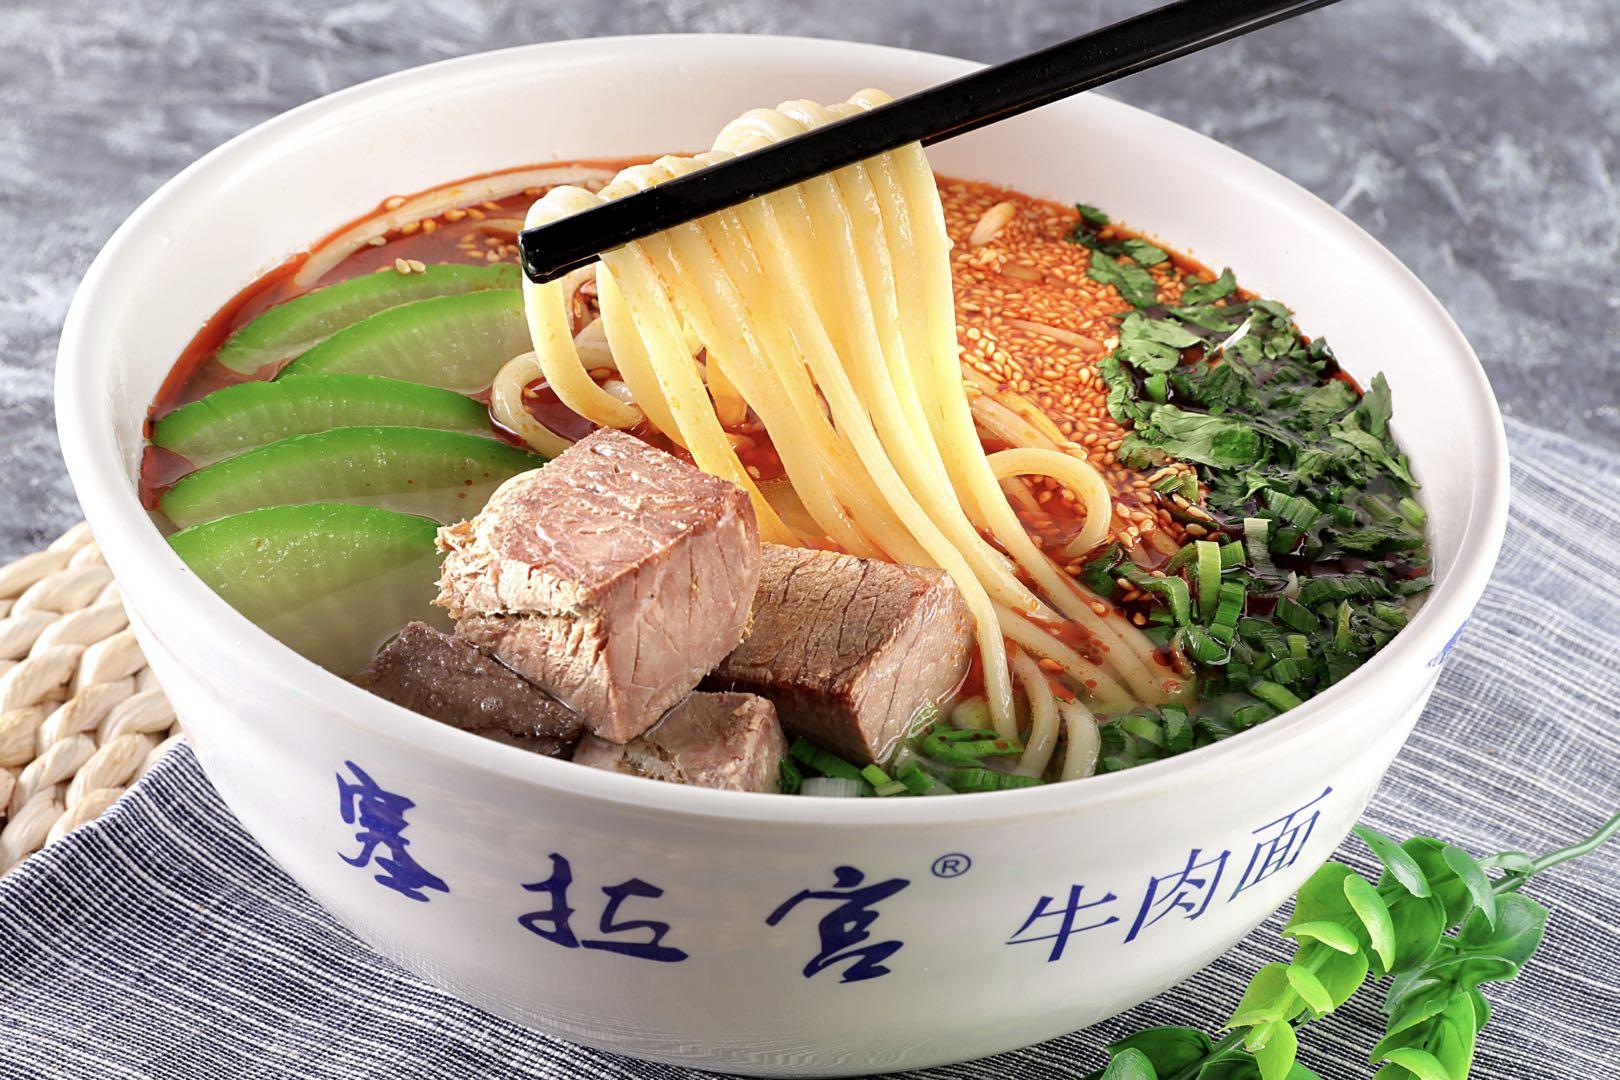 一碗牛肉面好不好吃关键在汤